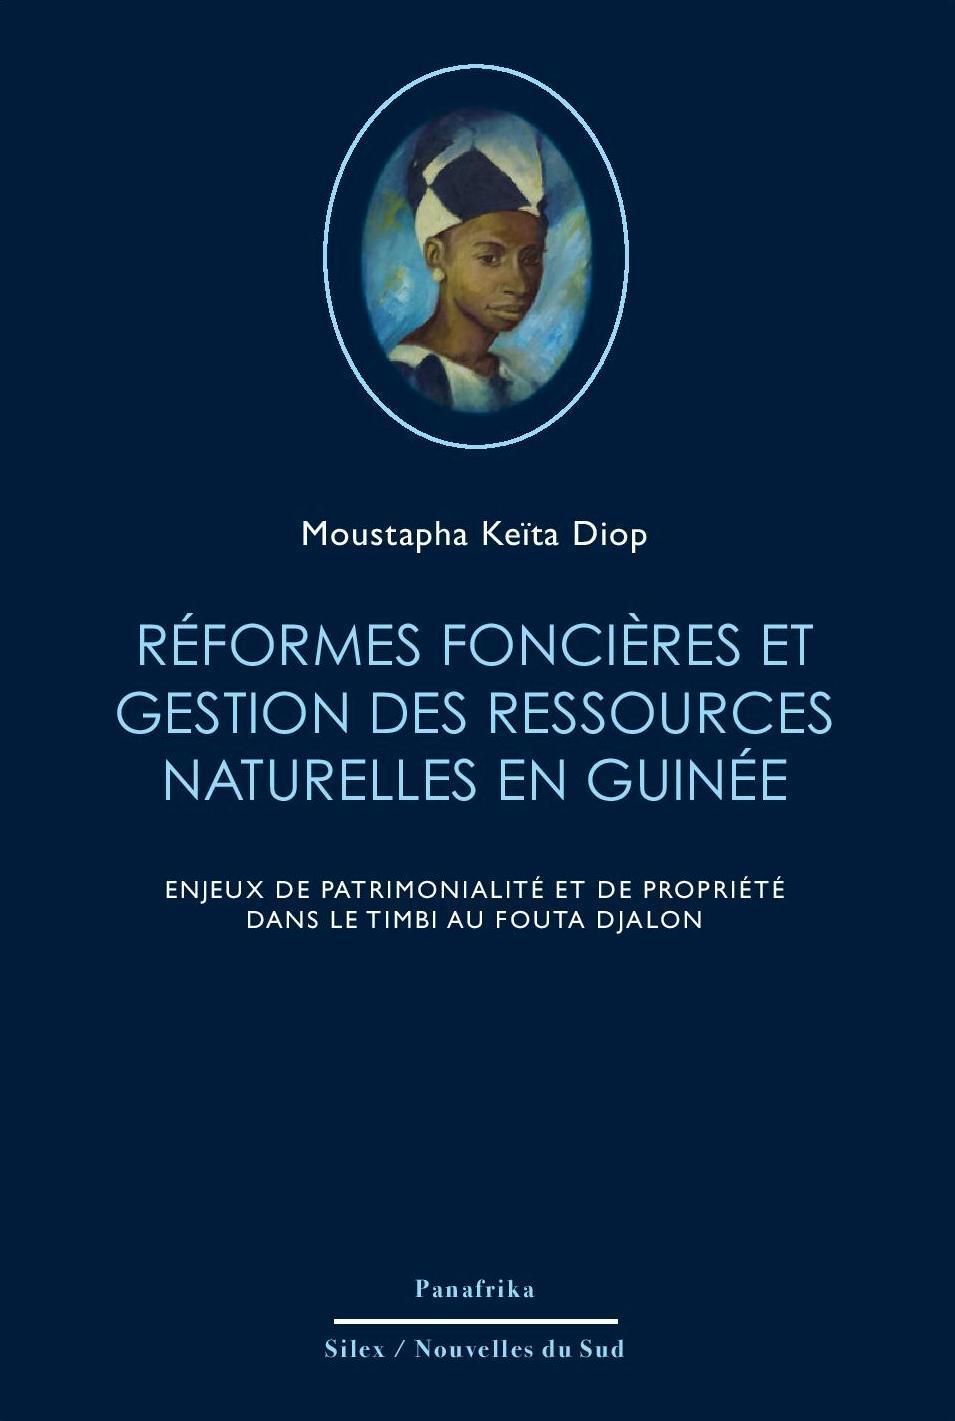 REFORMES FONCIERES ET GESTION DES RESSOURCES NATURELLES EN GUINEE